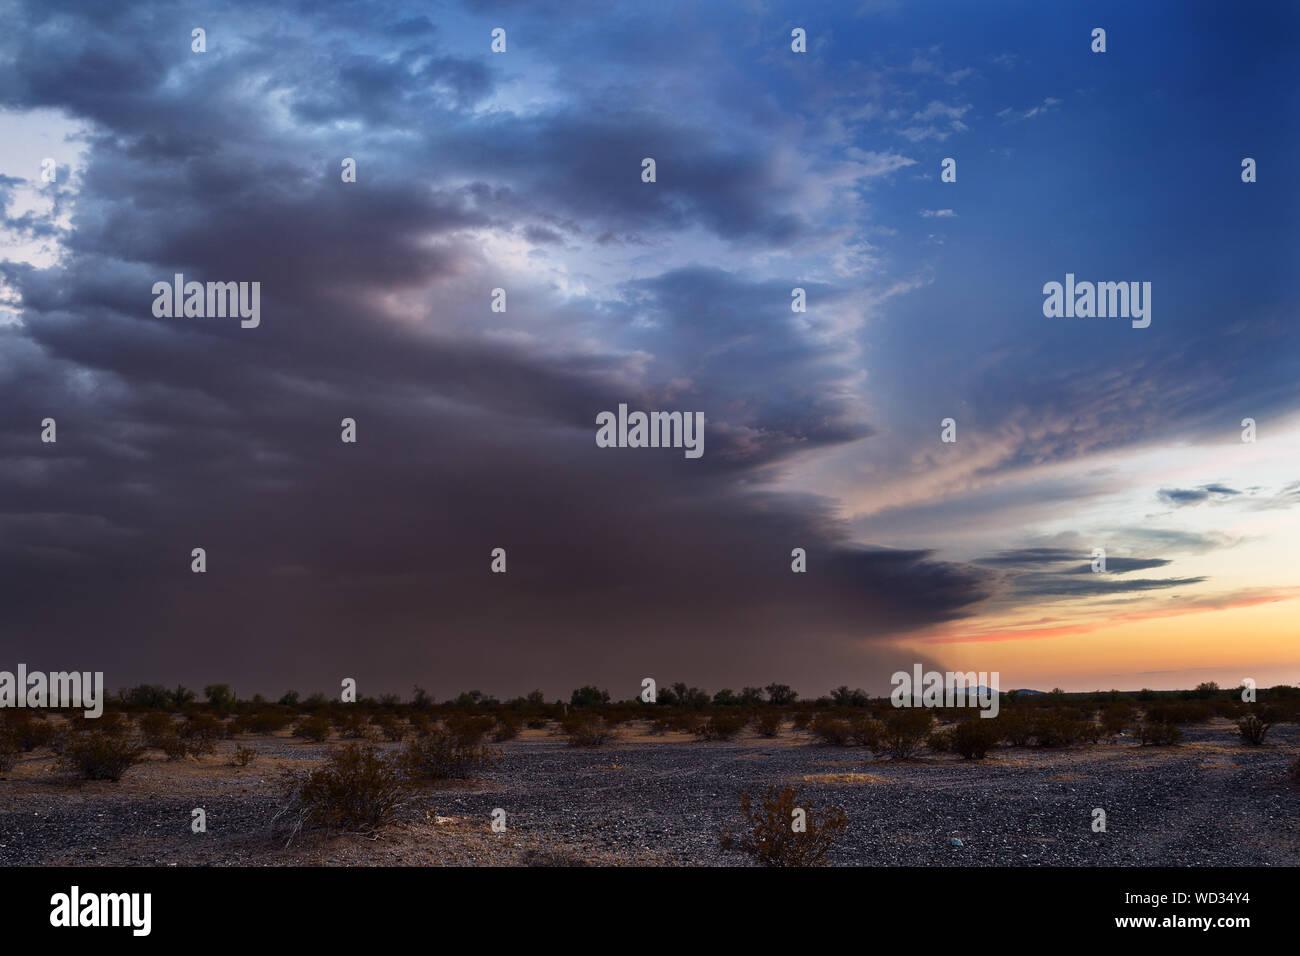 Vista panorámica del Desierto de Sonora contra el cielo nublado durante la puesta de sol Foto de stock